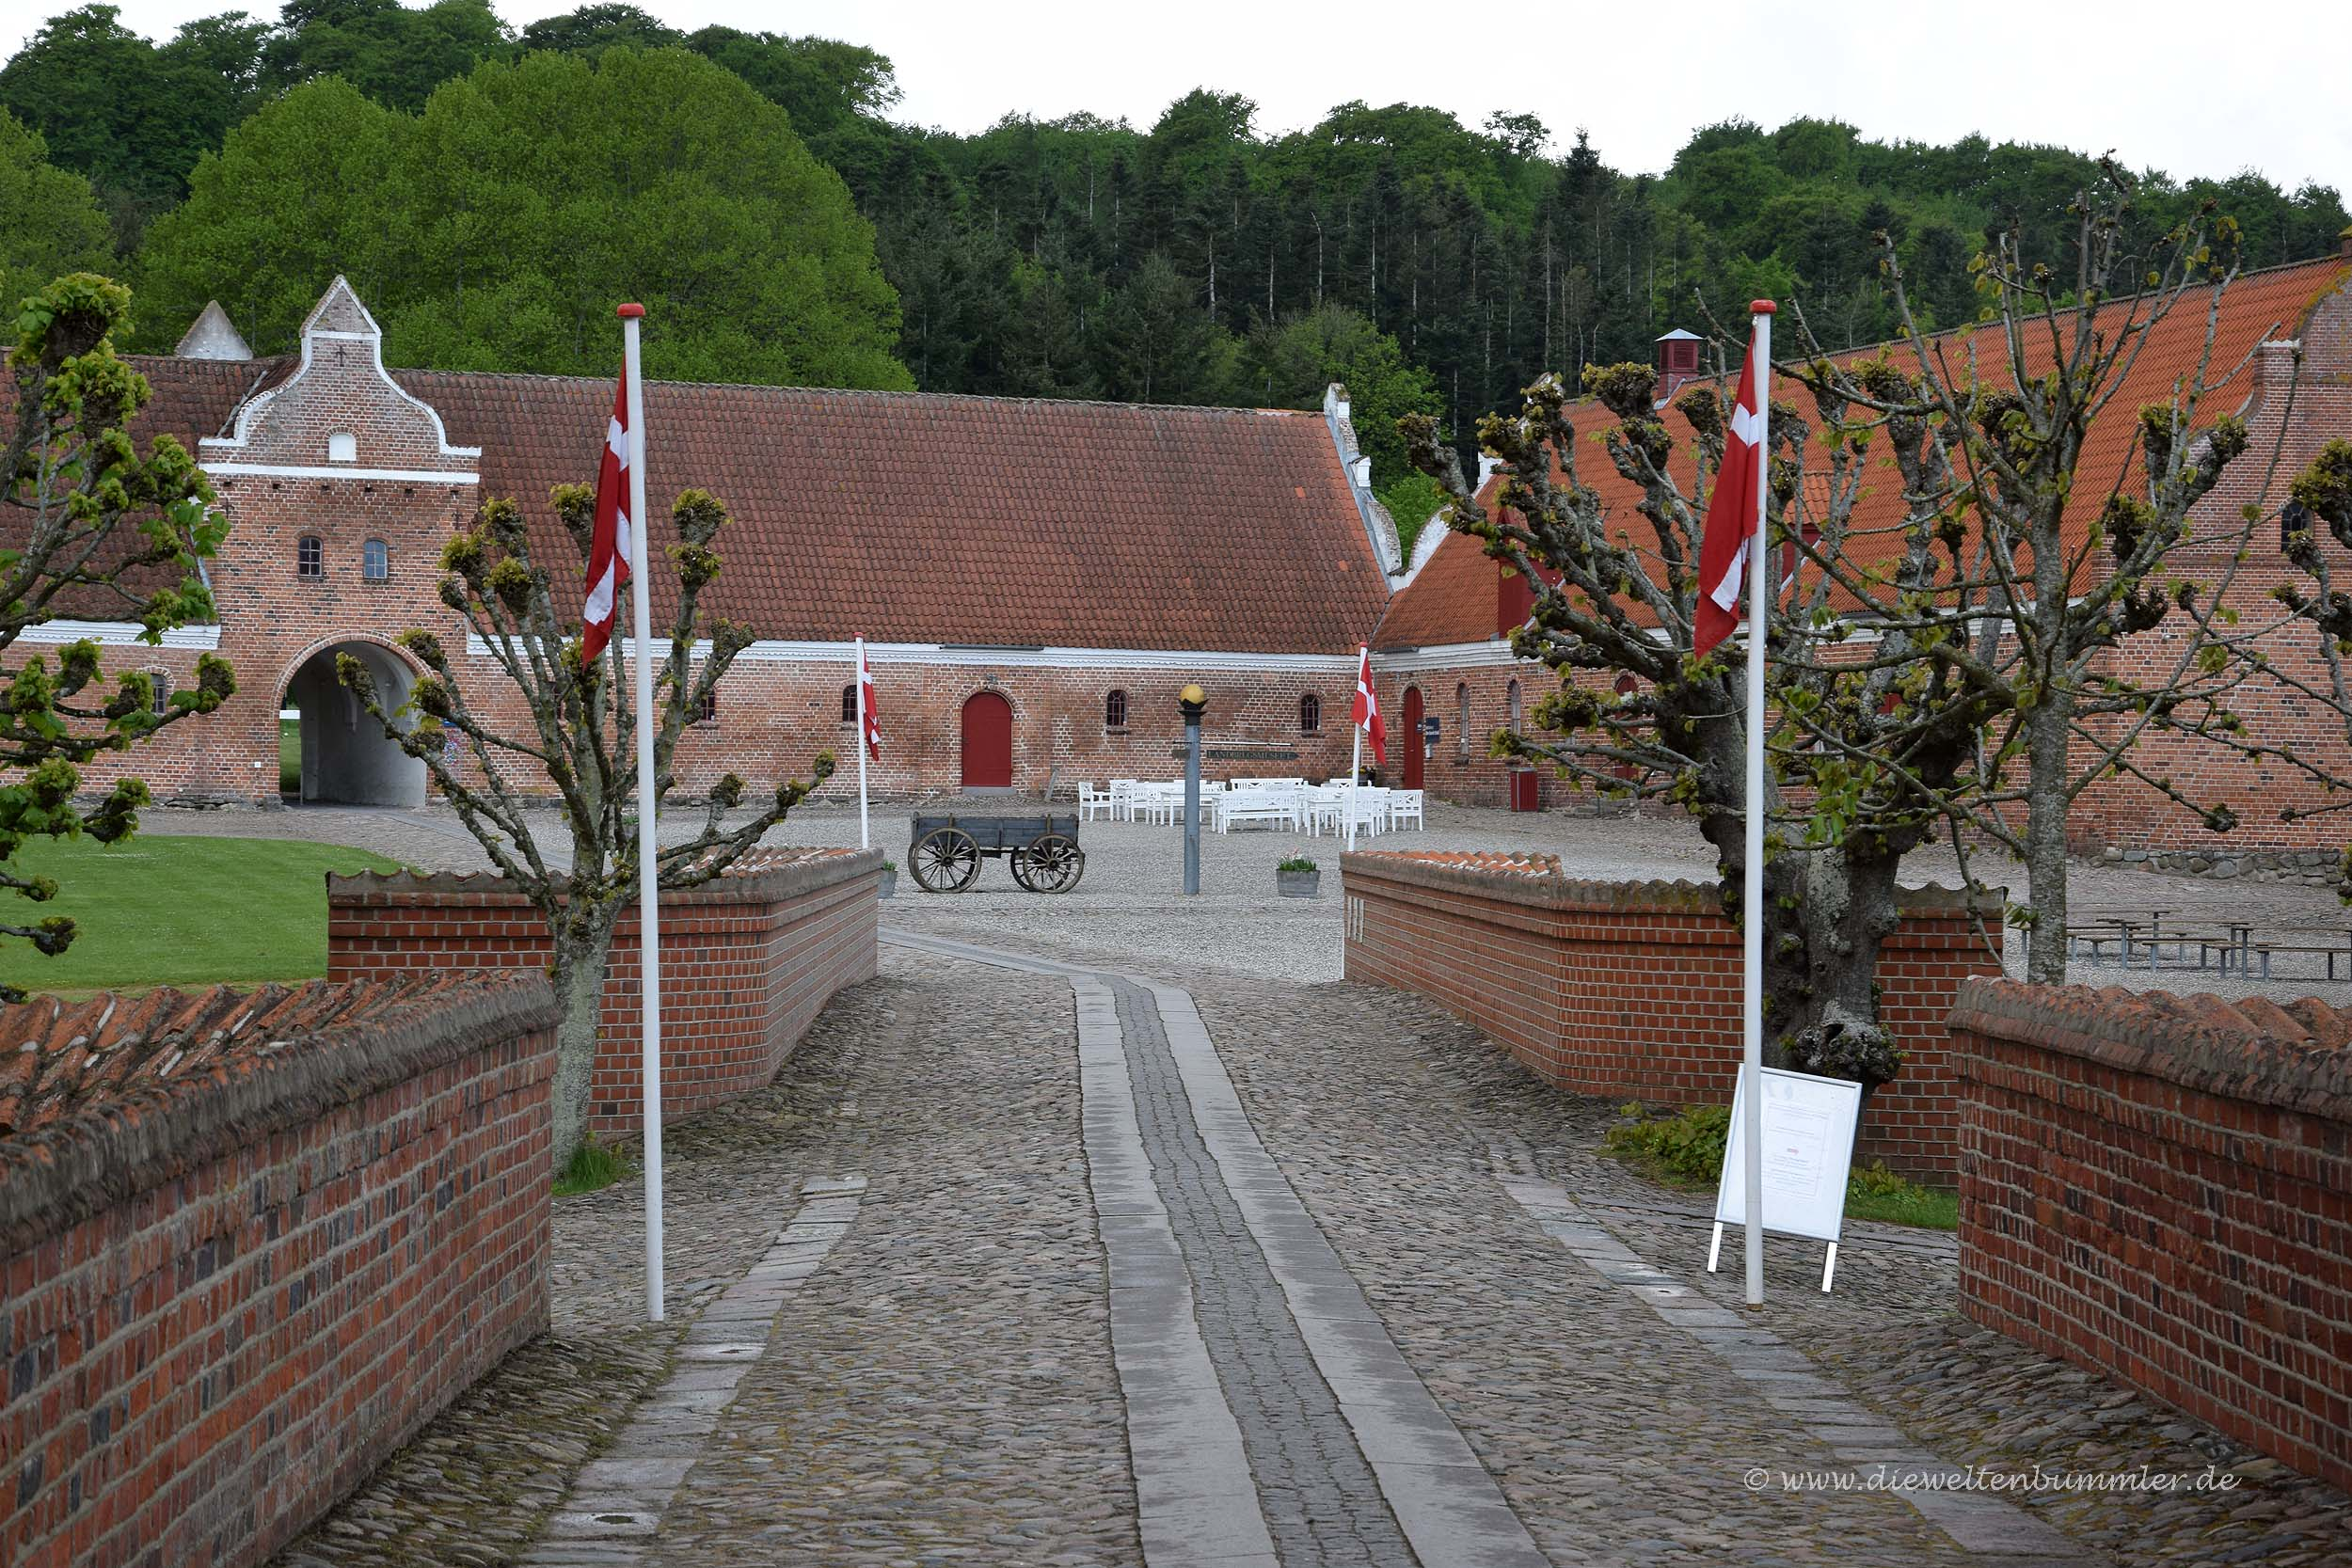 Gammel Estrup nördlich von Aarhus